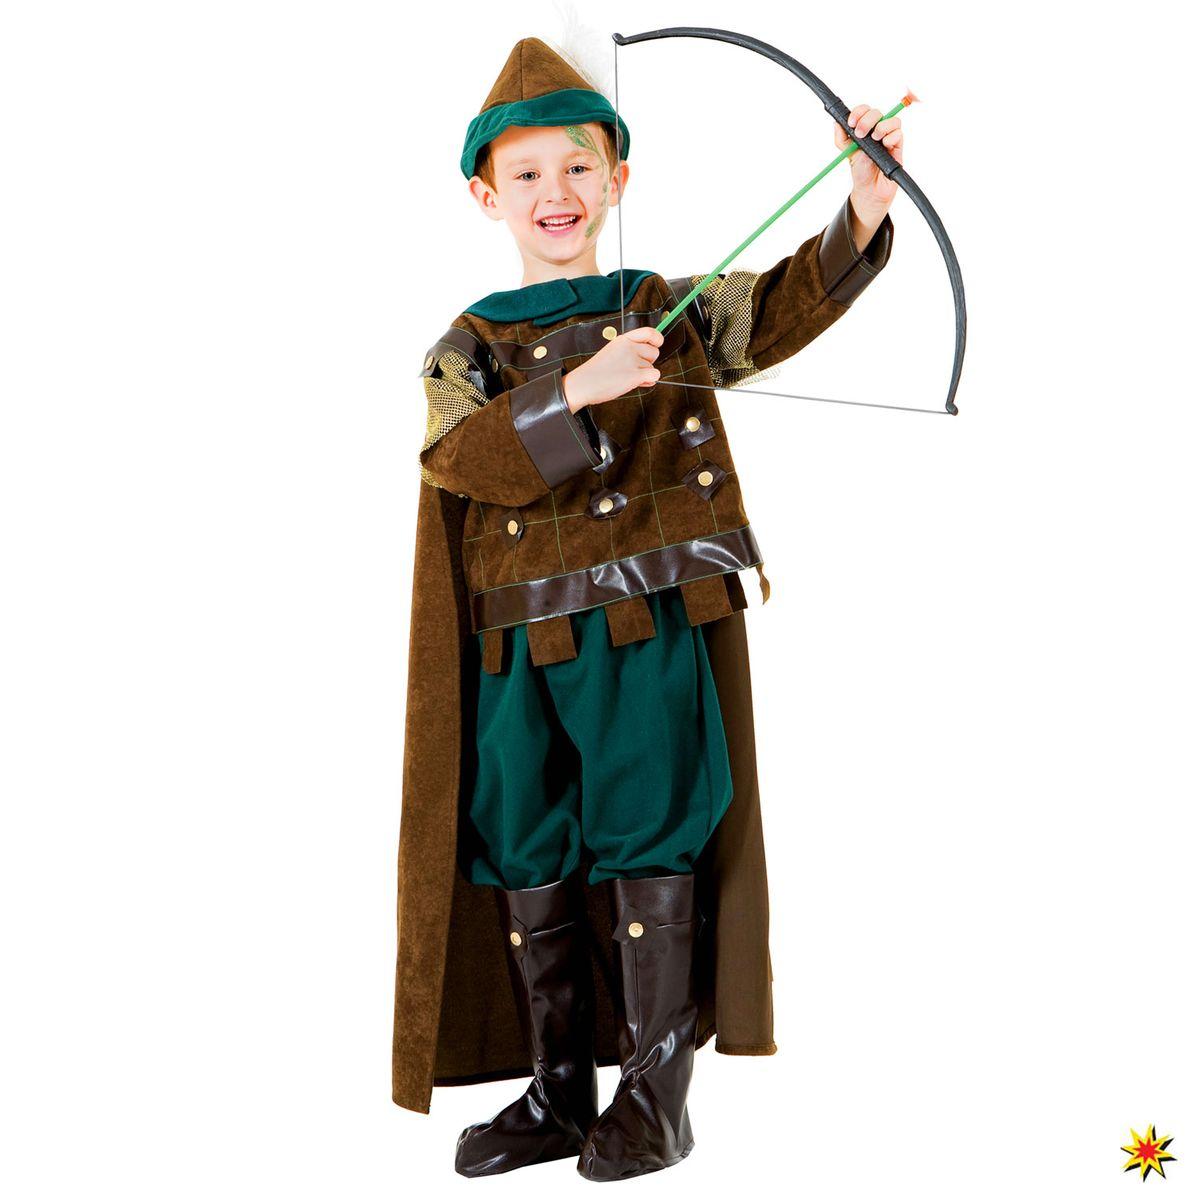 Kinder Kostüm Bogenschütze Kleiner Robin Robin Hood Jäger Waldläufer Mittelalter Fasching Karneval inklusive Spielzeug Pfeil und Bogen